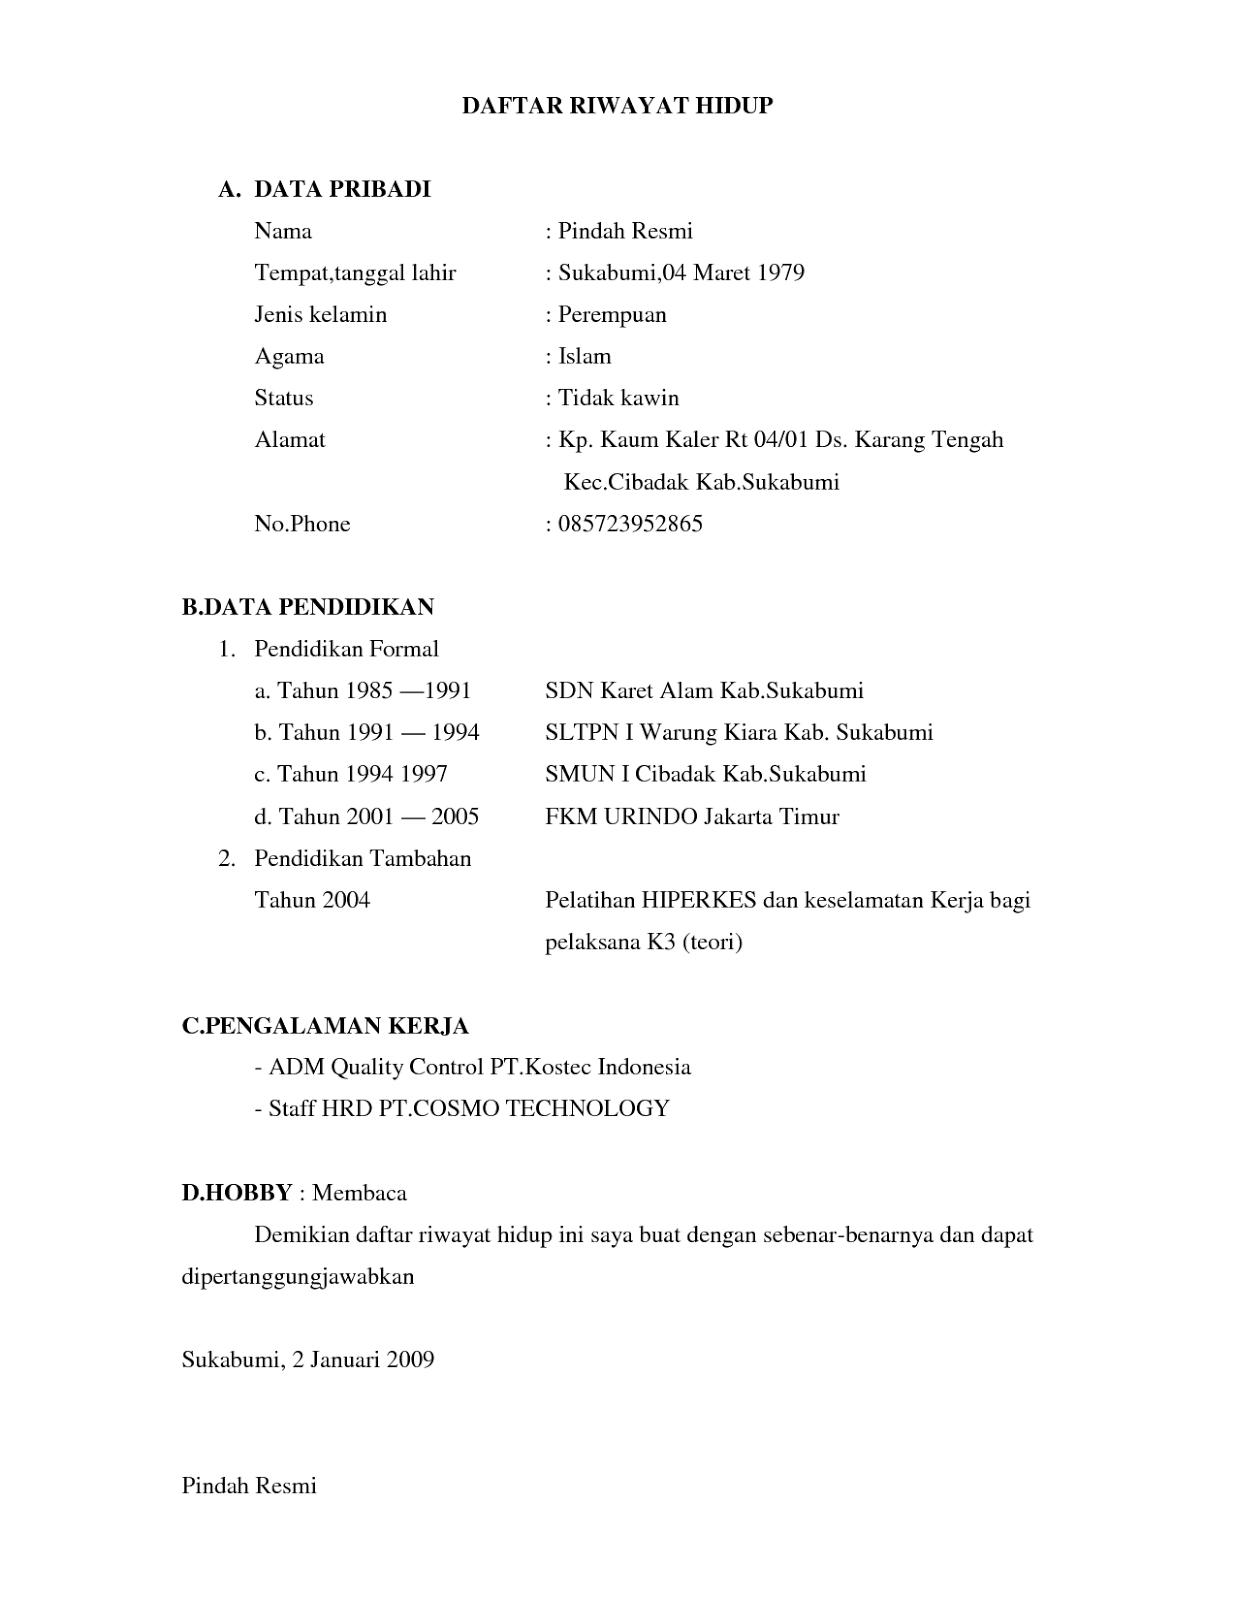 contoh daftar riwayat hidup sederhana doc, contoh daftar riwayat hidup sederhana 2015, contoh riwayat hidup doc, contoh riwayat hidup skripsi, contoh daftar riwayat hidup tulis tangan, contoh format daftar riwayat hidup, contoh daftar riwayat hidup untuk melamar kerja di pabrik, contoh riwayat hidup dalam bahasa indonesia  ben-jobs.blogspot.com